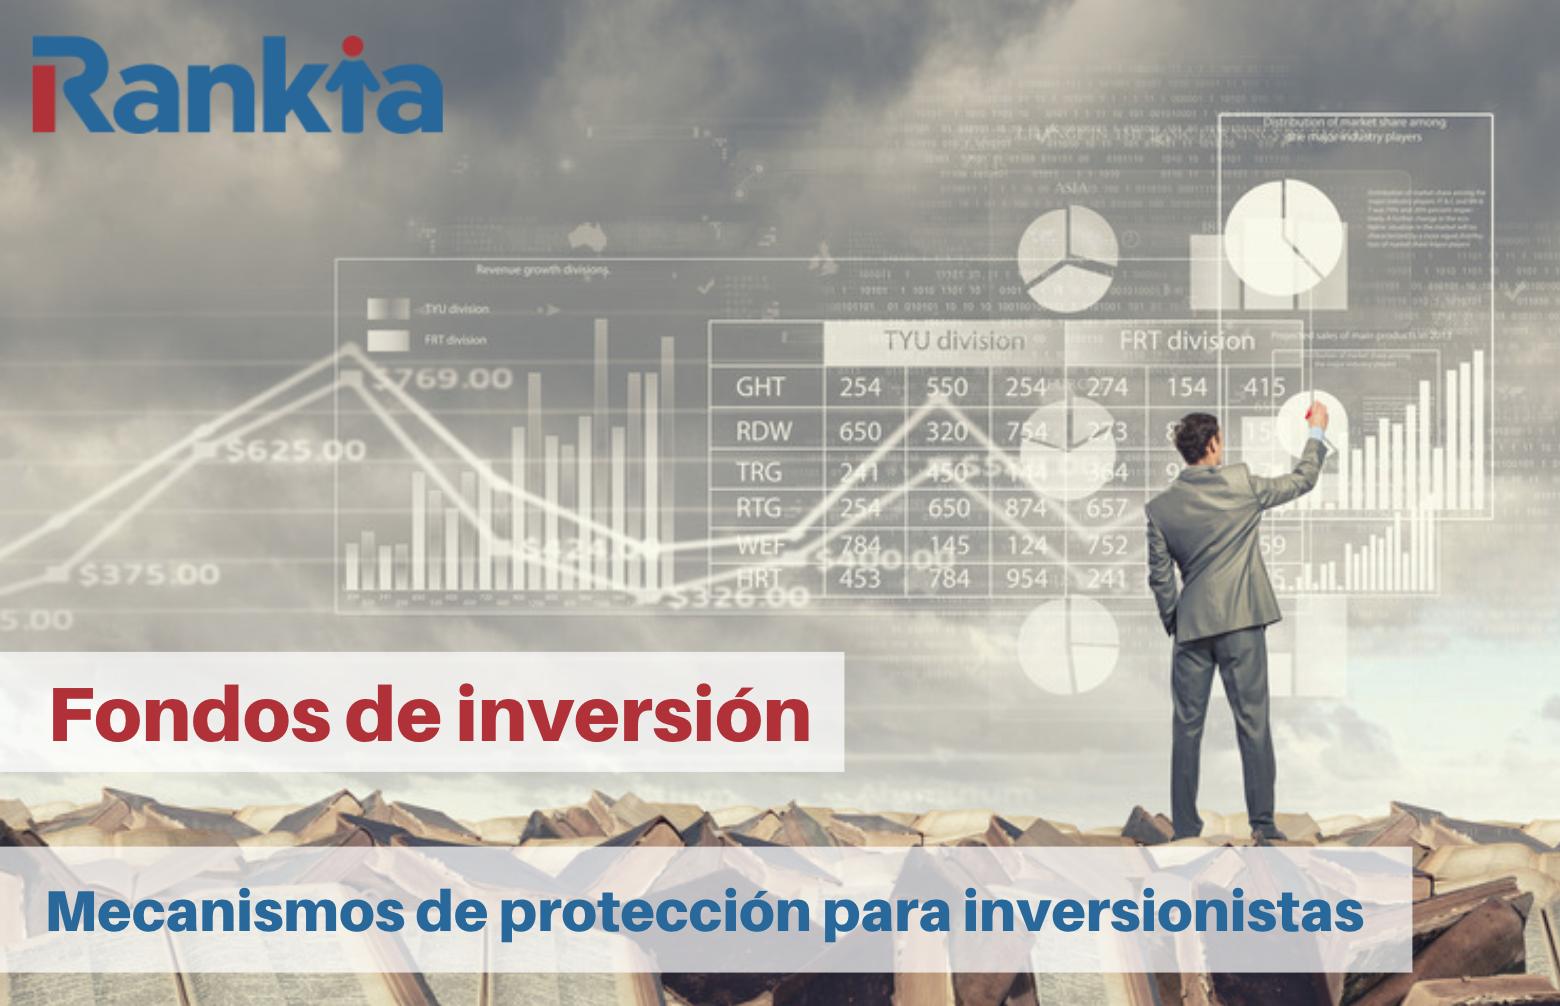 Fondos de inversión: mecanismos protección inversionistas